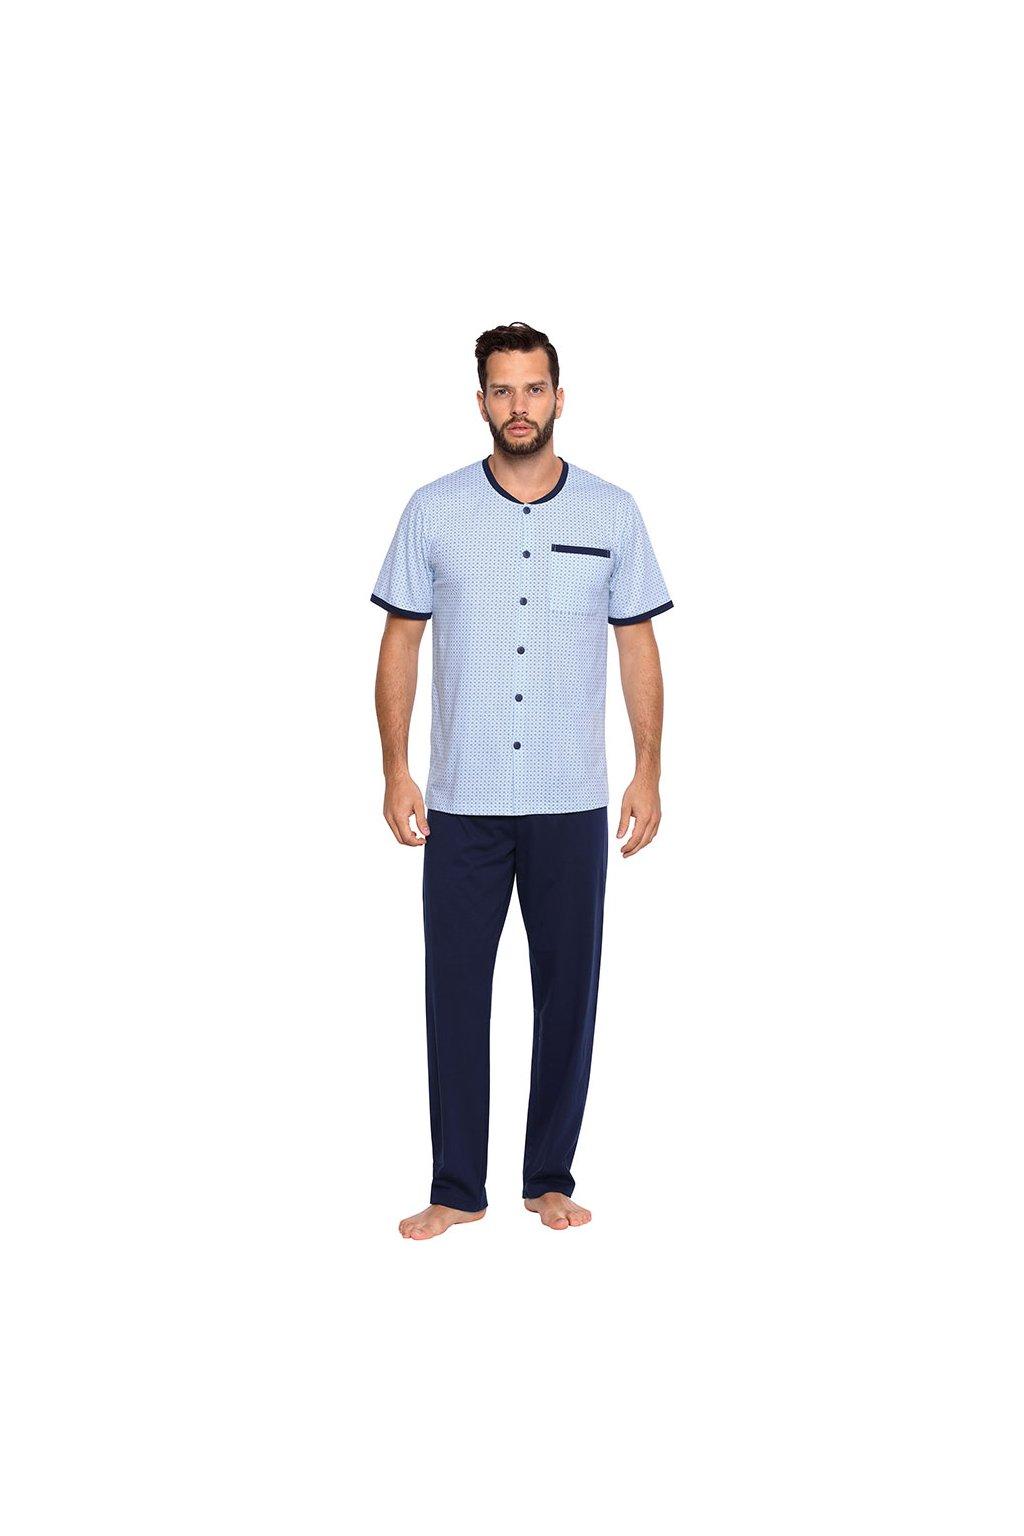 Pánské pyžamo s krátkým rukávem a dlouhými nohavicemi, 204122 40, světle modrá